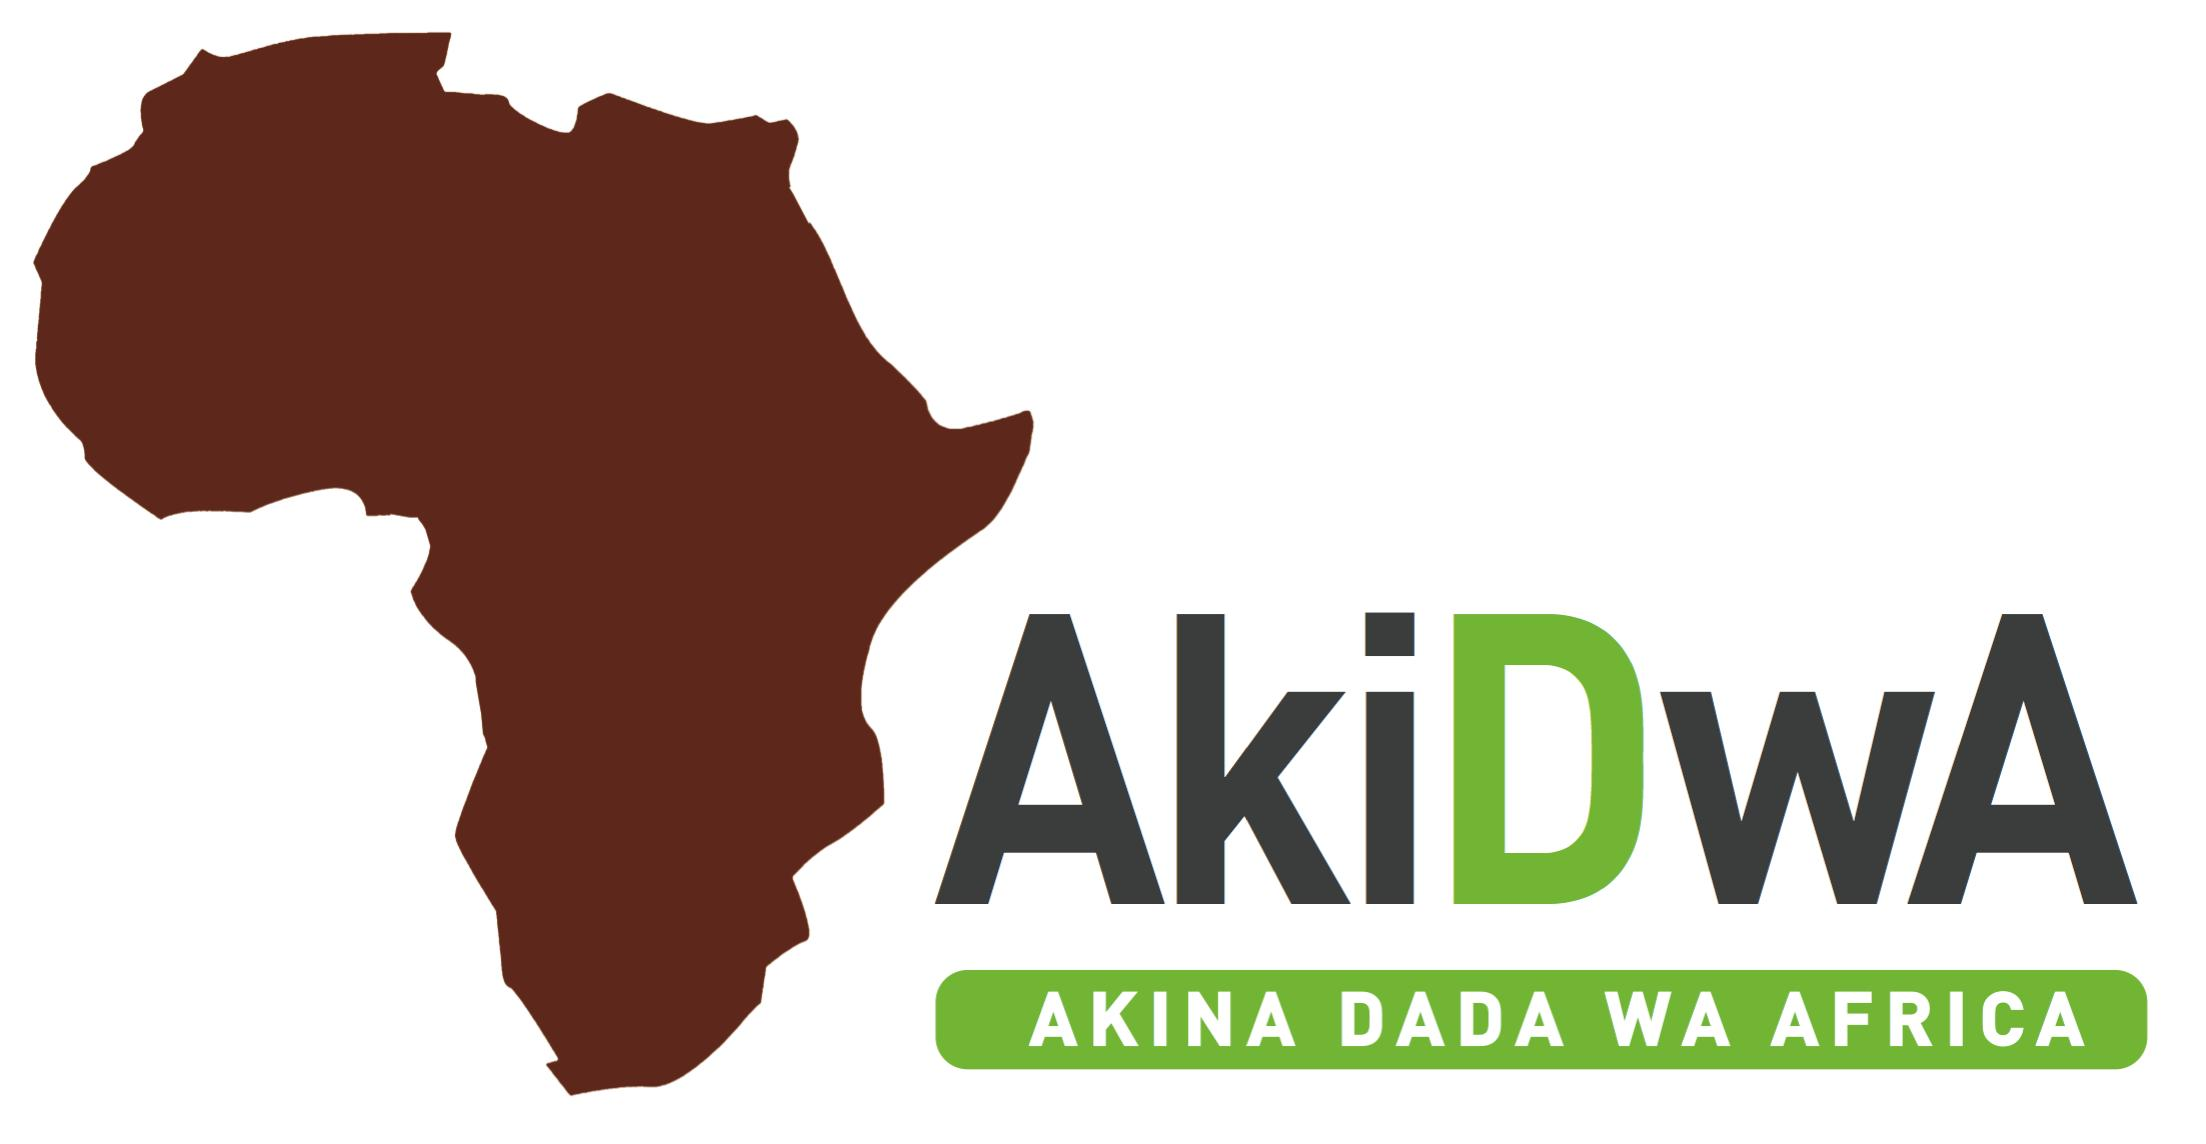 AkiDwA (Akina Dada Wa Africa)